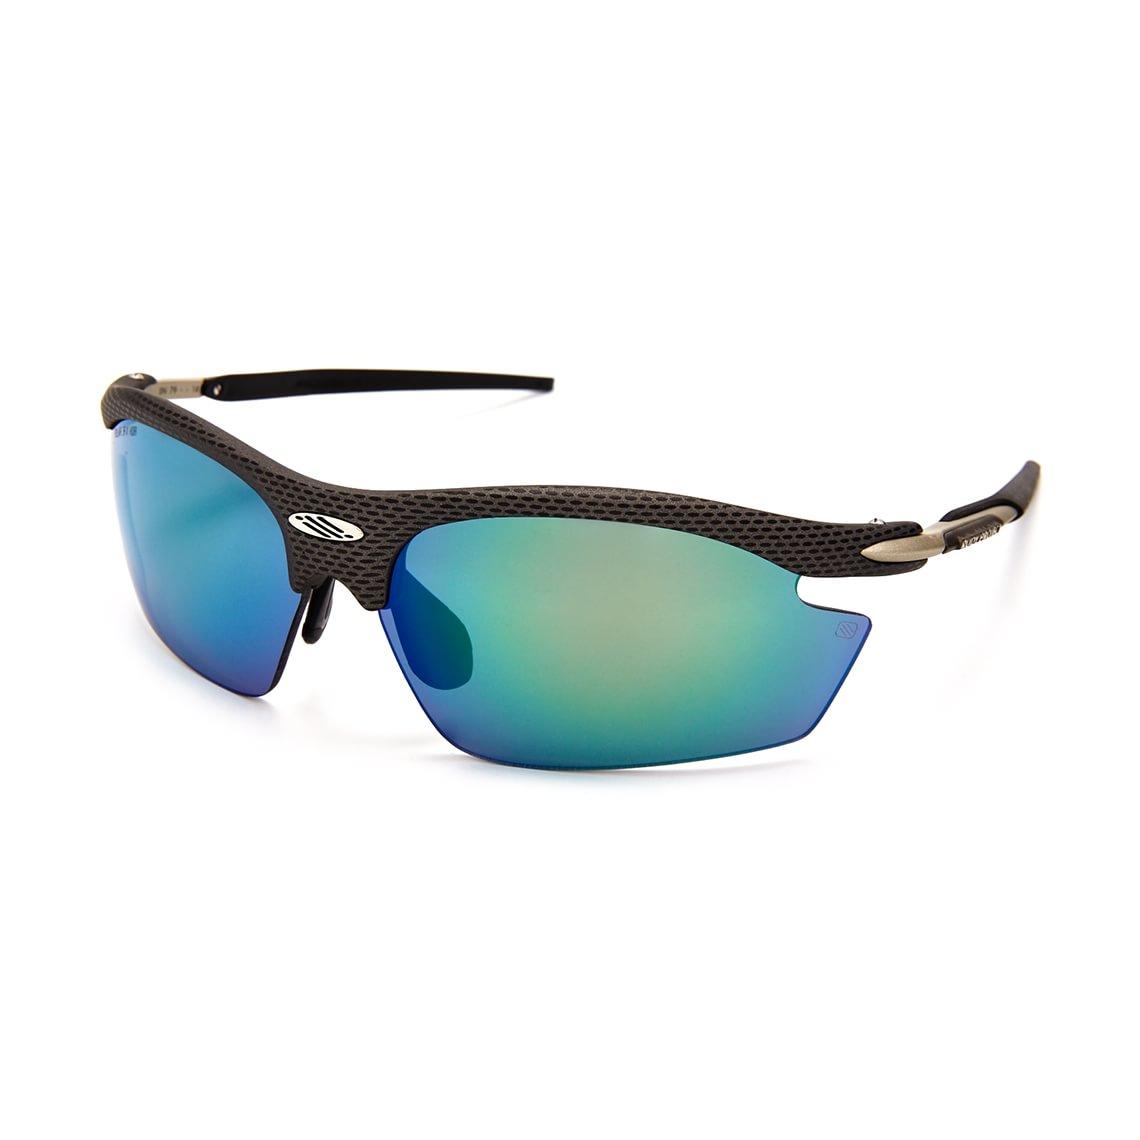 Rudy Project Prescription Sunglasses